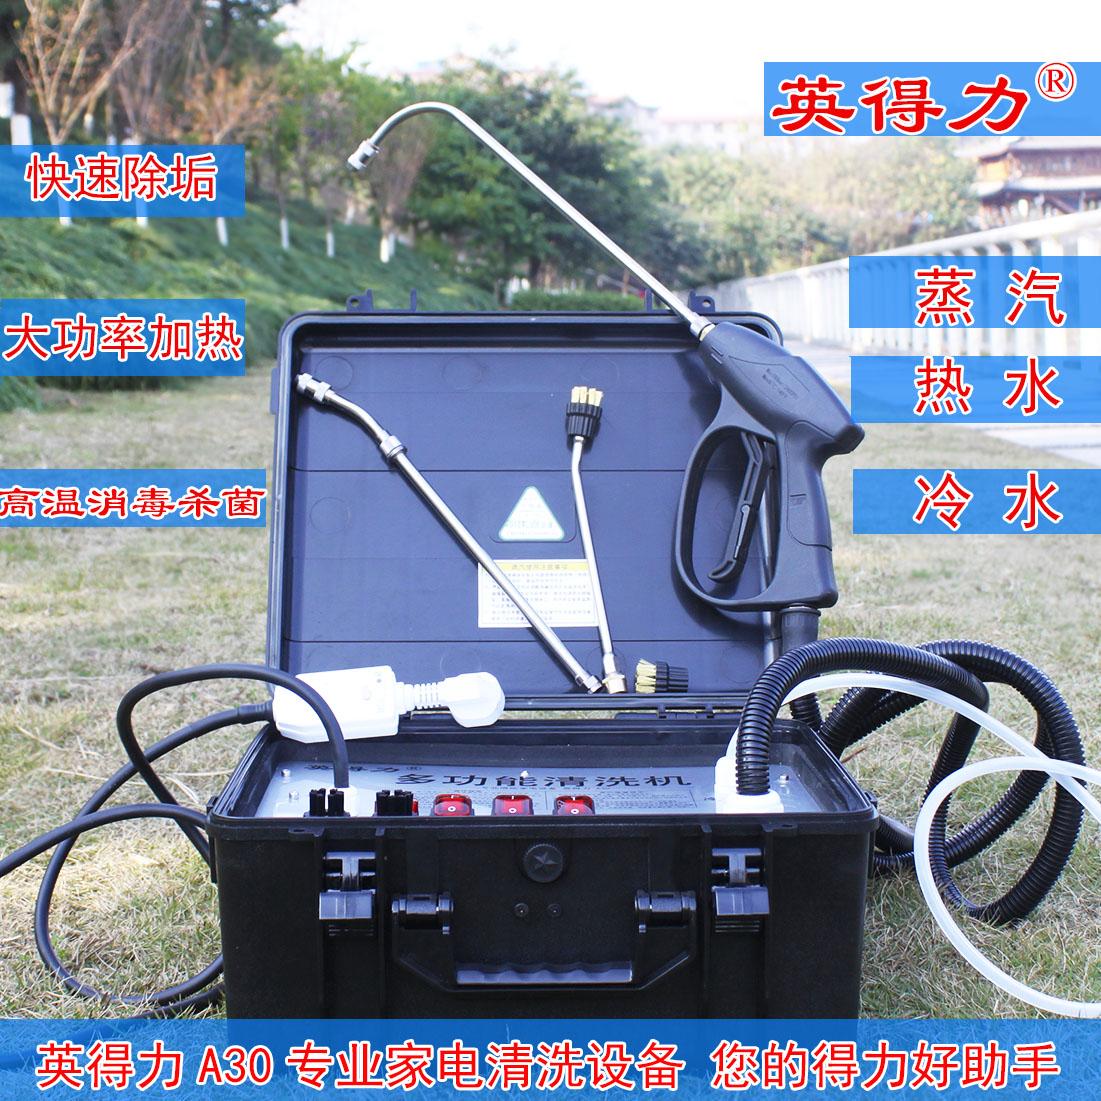 英得力热水蒸汽多功能一体清洁油烟机空调设备家电深度清洗机A30